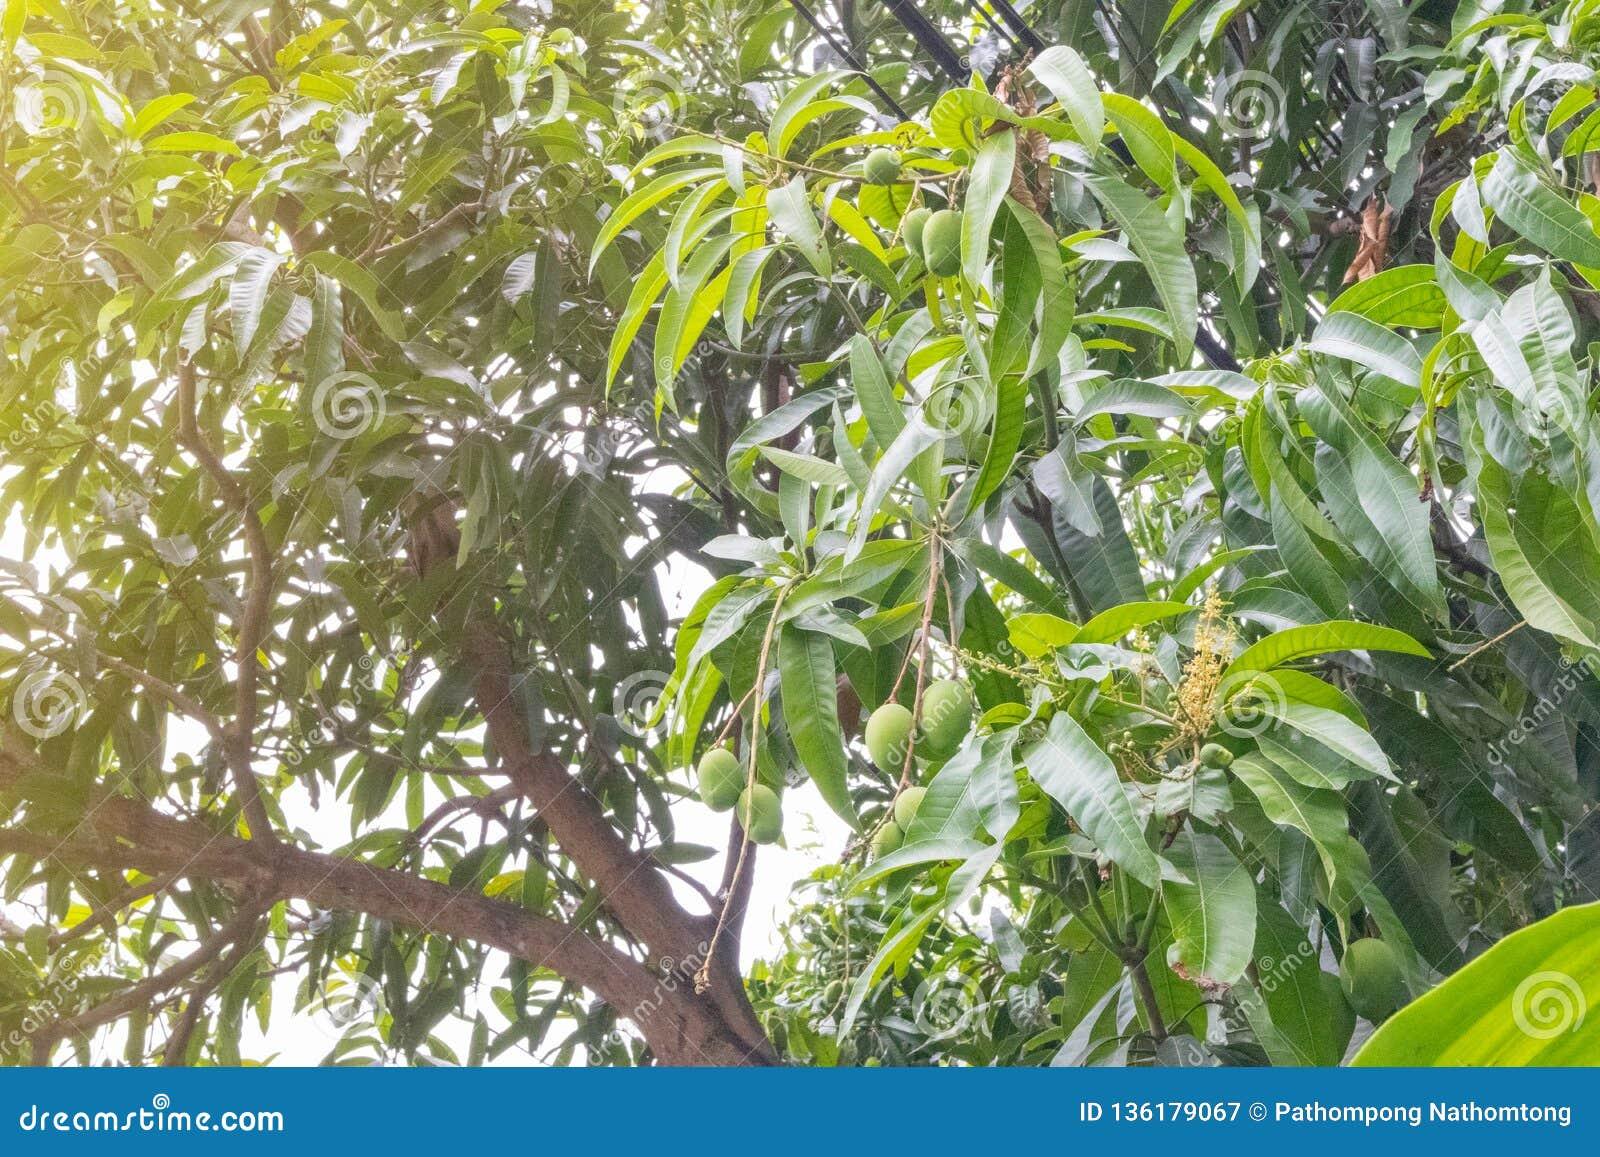 Thailändsk grön mycket liten mango på träd